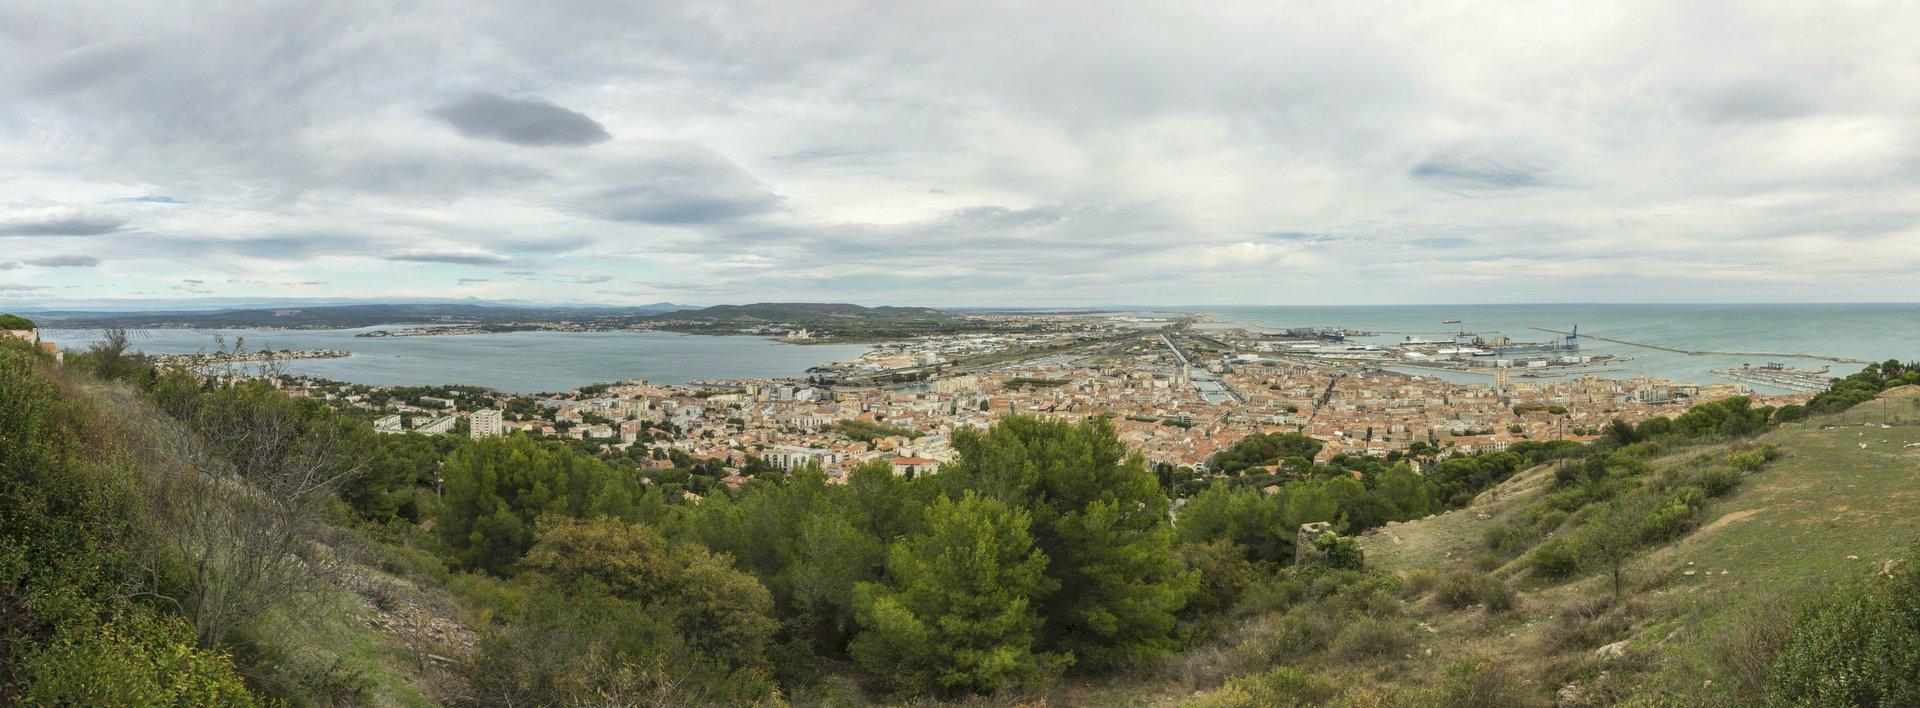 Panorama von der Aussichtsplattform Saint-Claire in Sète